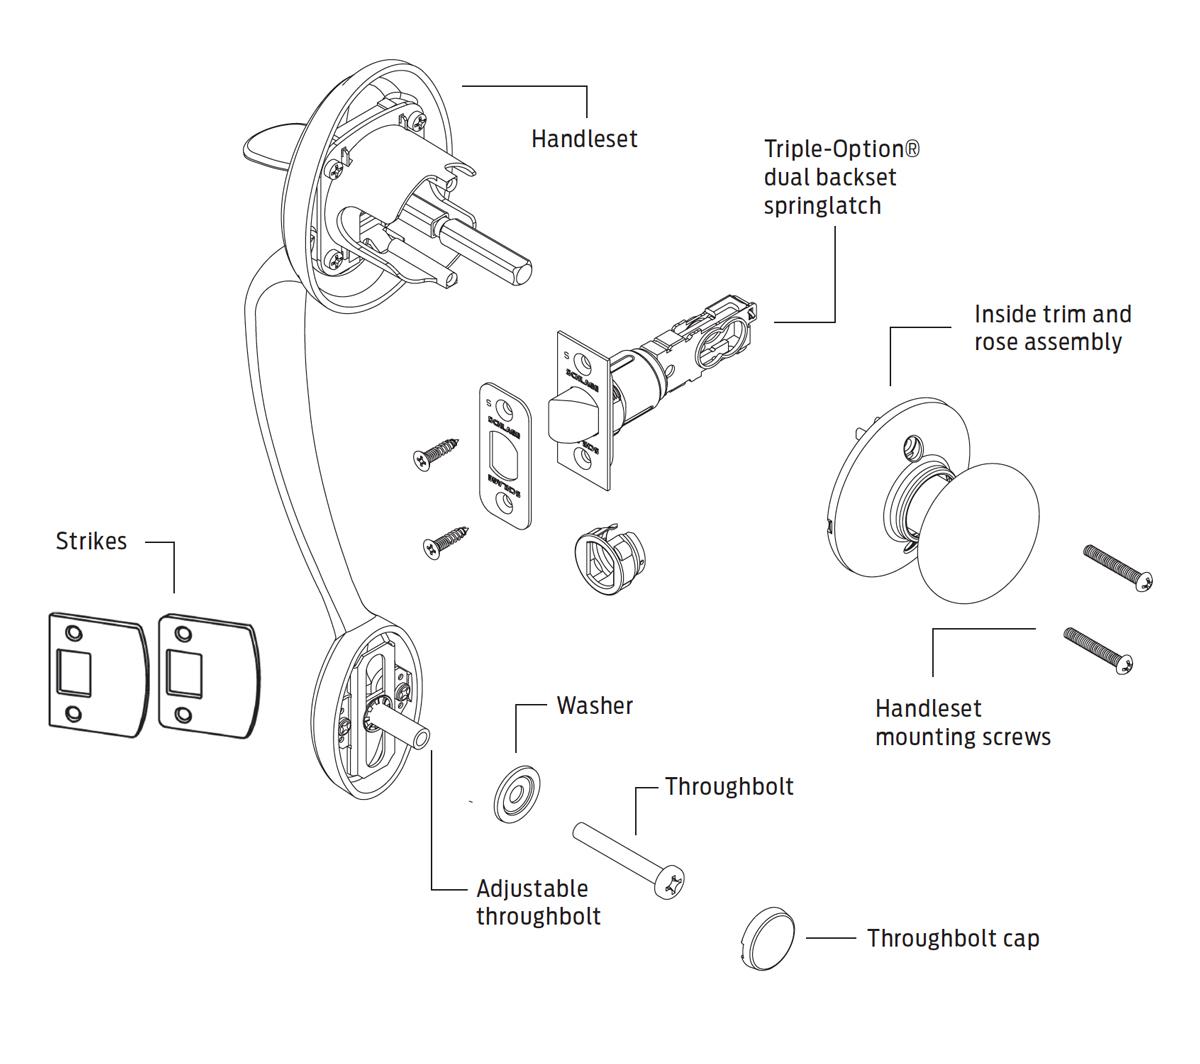 madero schlage f series handlesets rh madero ca schlage parts breakdown schlage parts manual